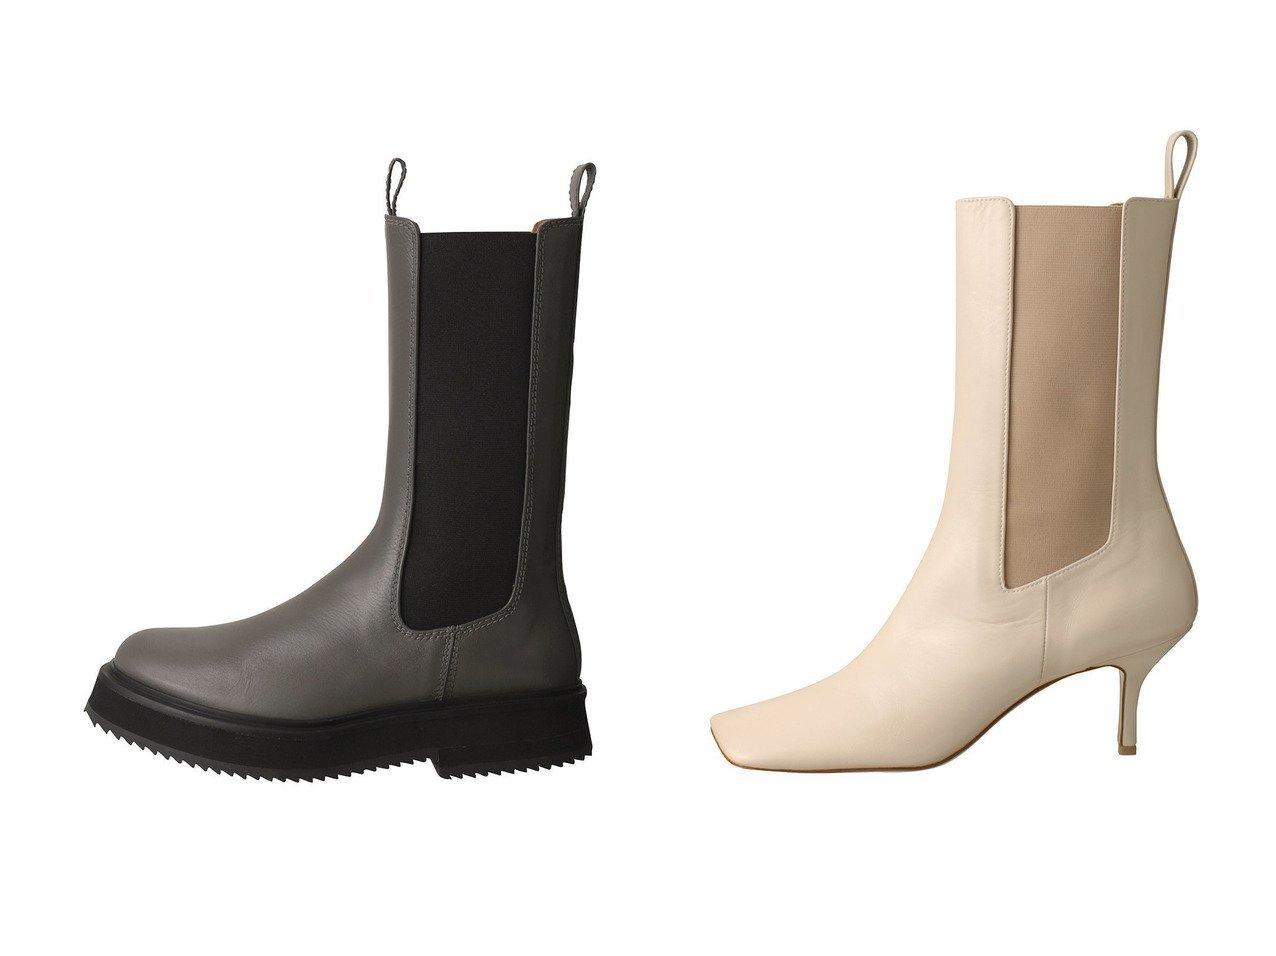 【Pippichic/ピッピシック】のLINDA スクエアトゥサイドゴアブーツ&【JOSEPH/ジョゼフ】のサイドゴアブーツ シューズ・靴のおすすめ!人気、レディースファッションの通販  おすすめで人気のファッション通販商品 インテリア・家具・キッズファッション・メンズファッション・レディースファッション・服の通販 founy(ファニー) https://founy.com/ ファッション Fashion レディース WOMEN スリム ボトム ミドル シンプル 人気 |ID:crp329100000000091